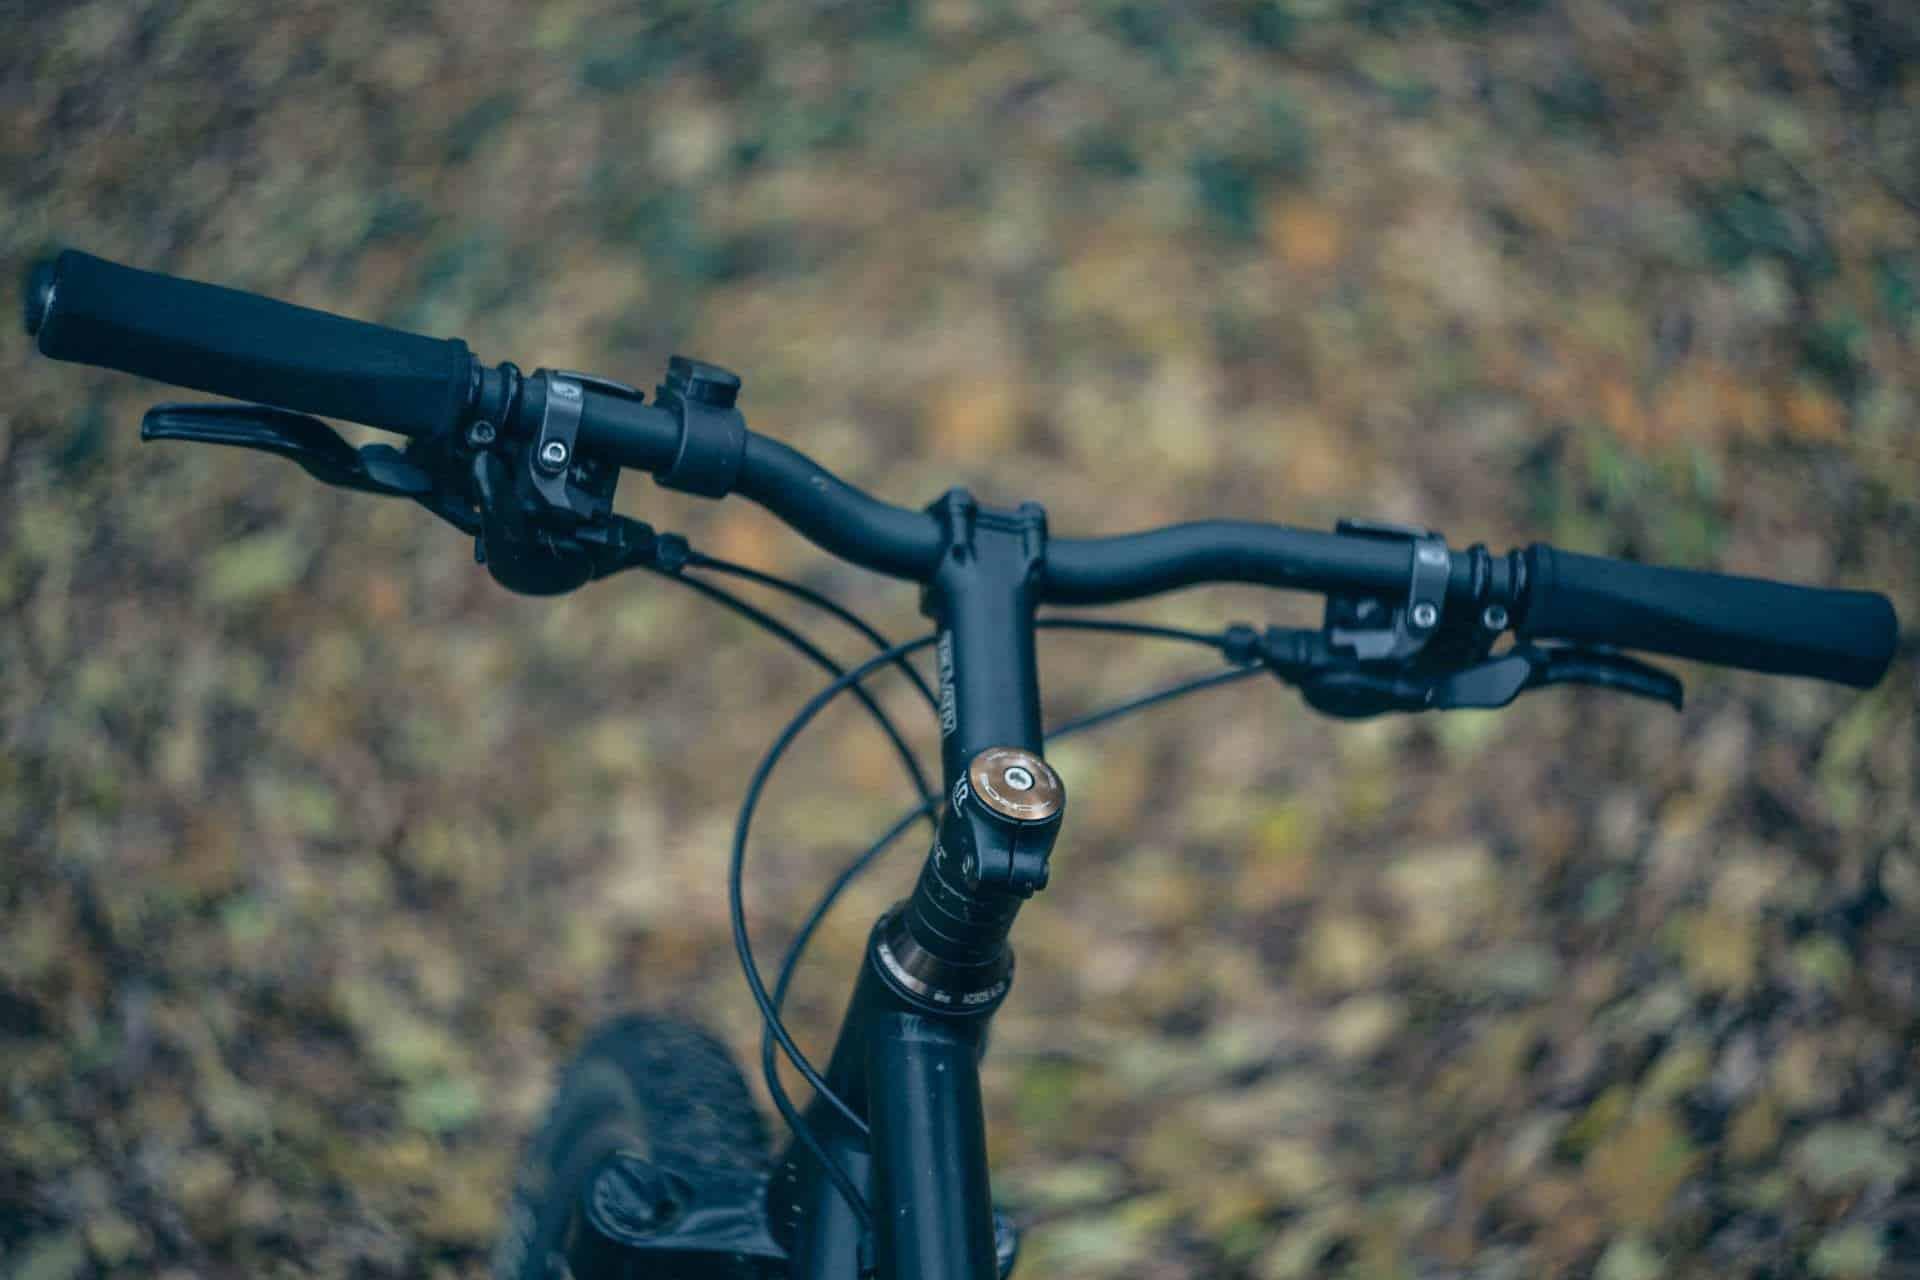 wd 40 mountainbike fietsketting schoonmaken roest ketting smeren mtb ketting mtb schoonmaken